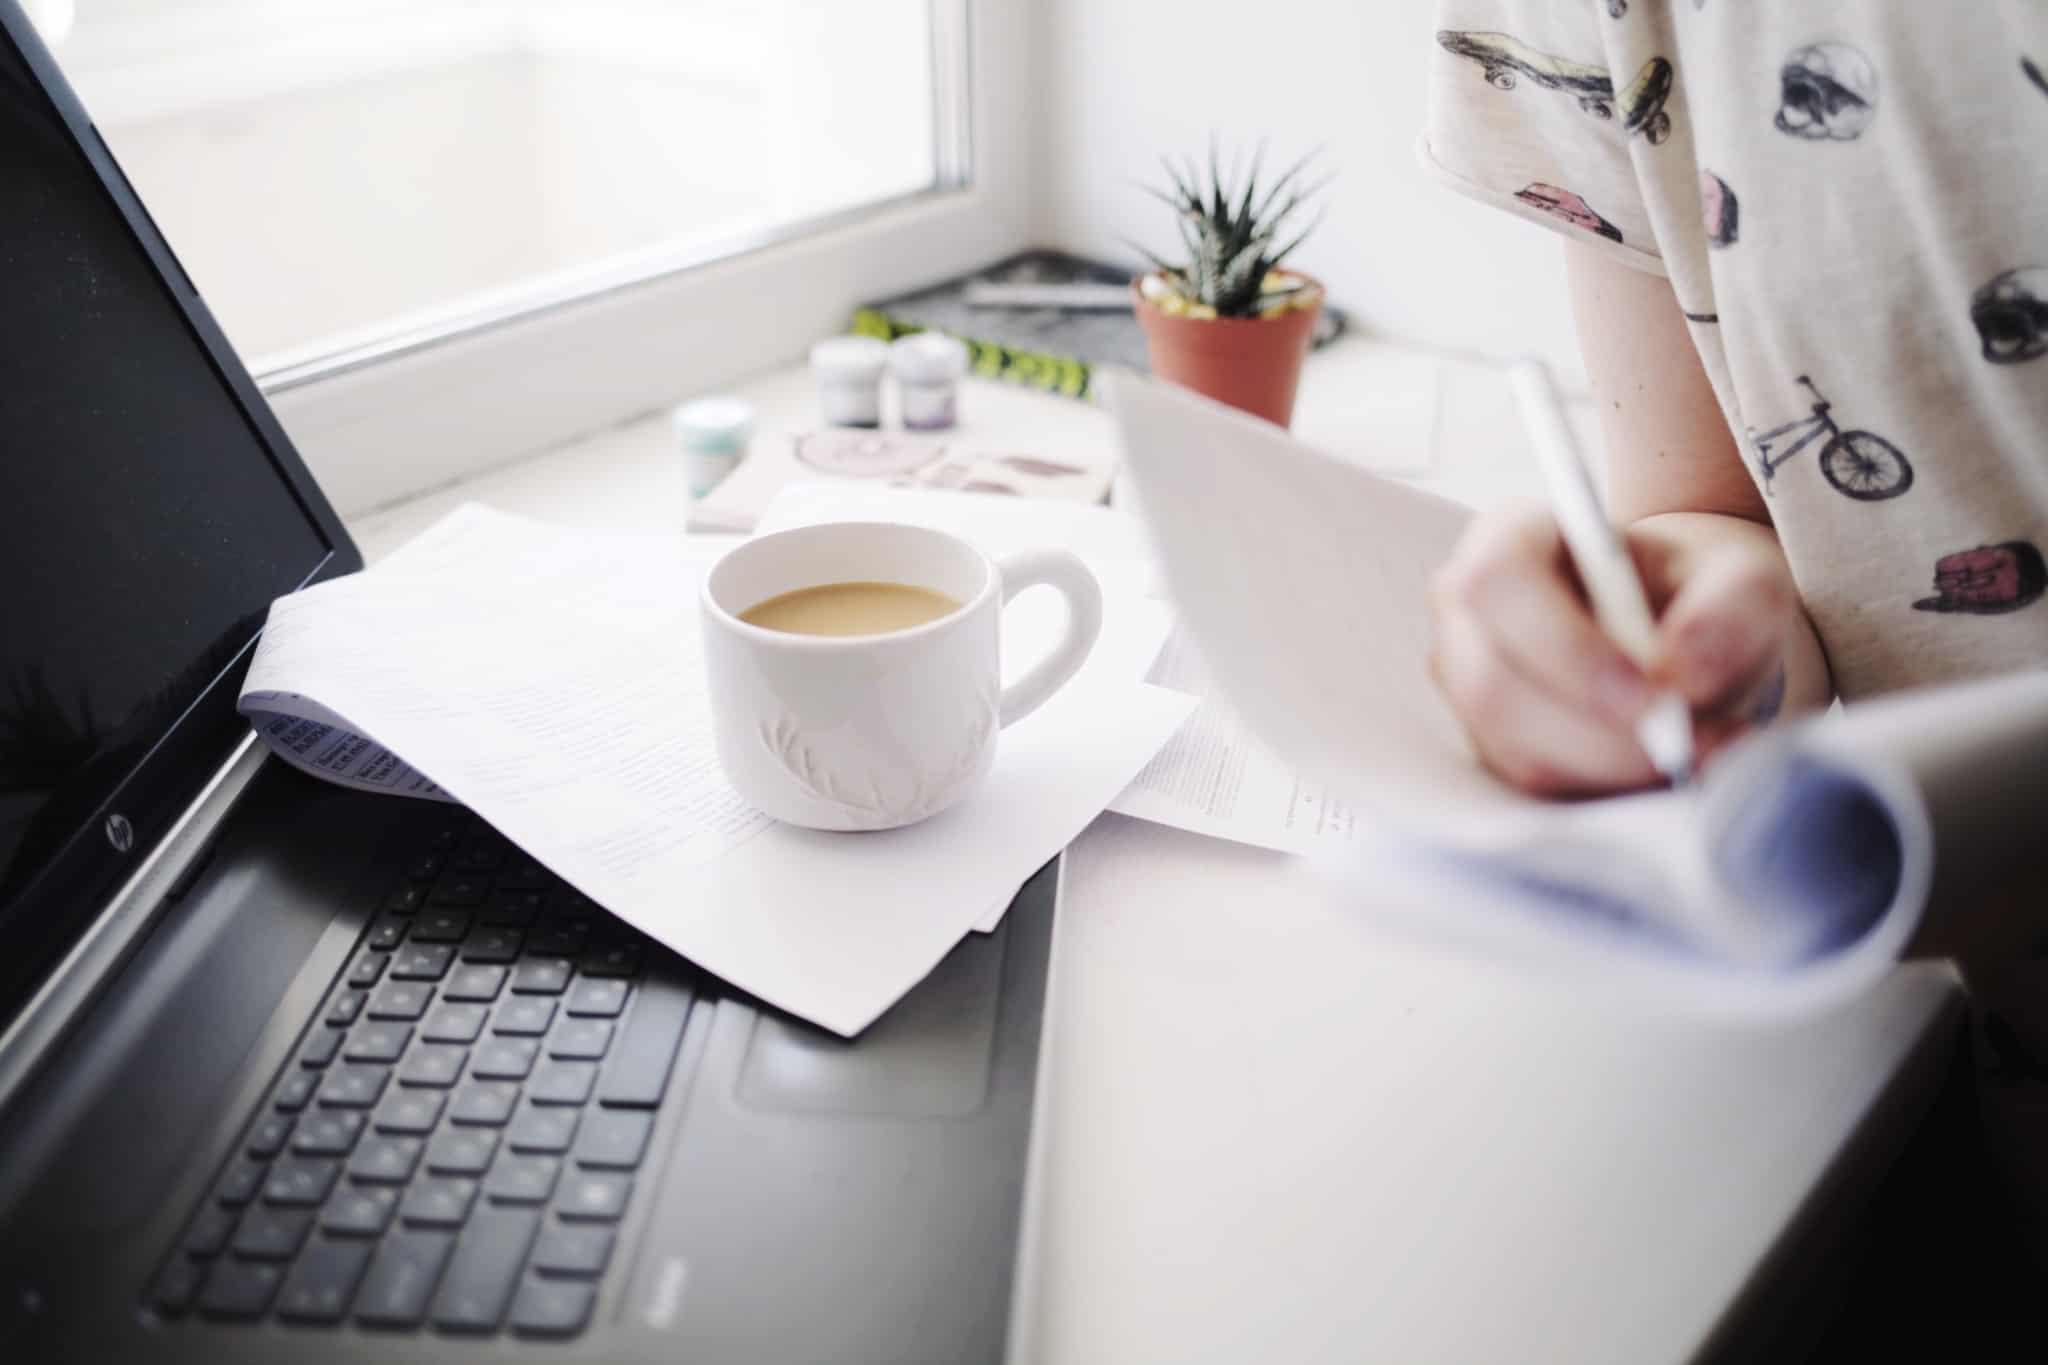 rapariga com uma chavena de cafe ao lado a escrever no bloco